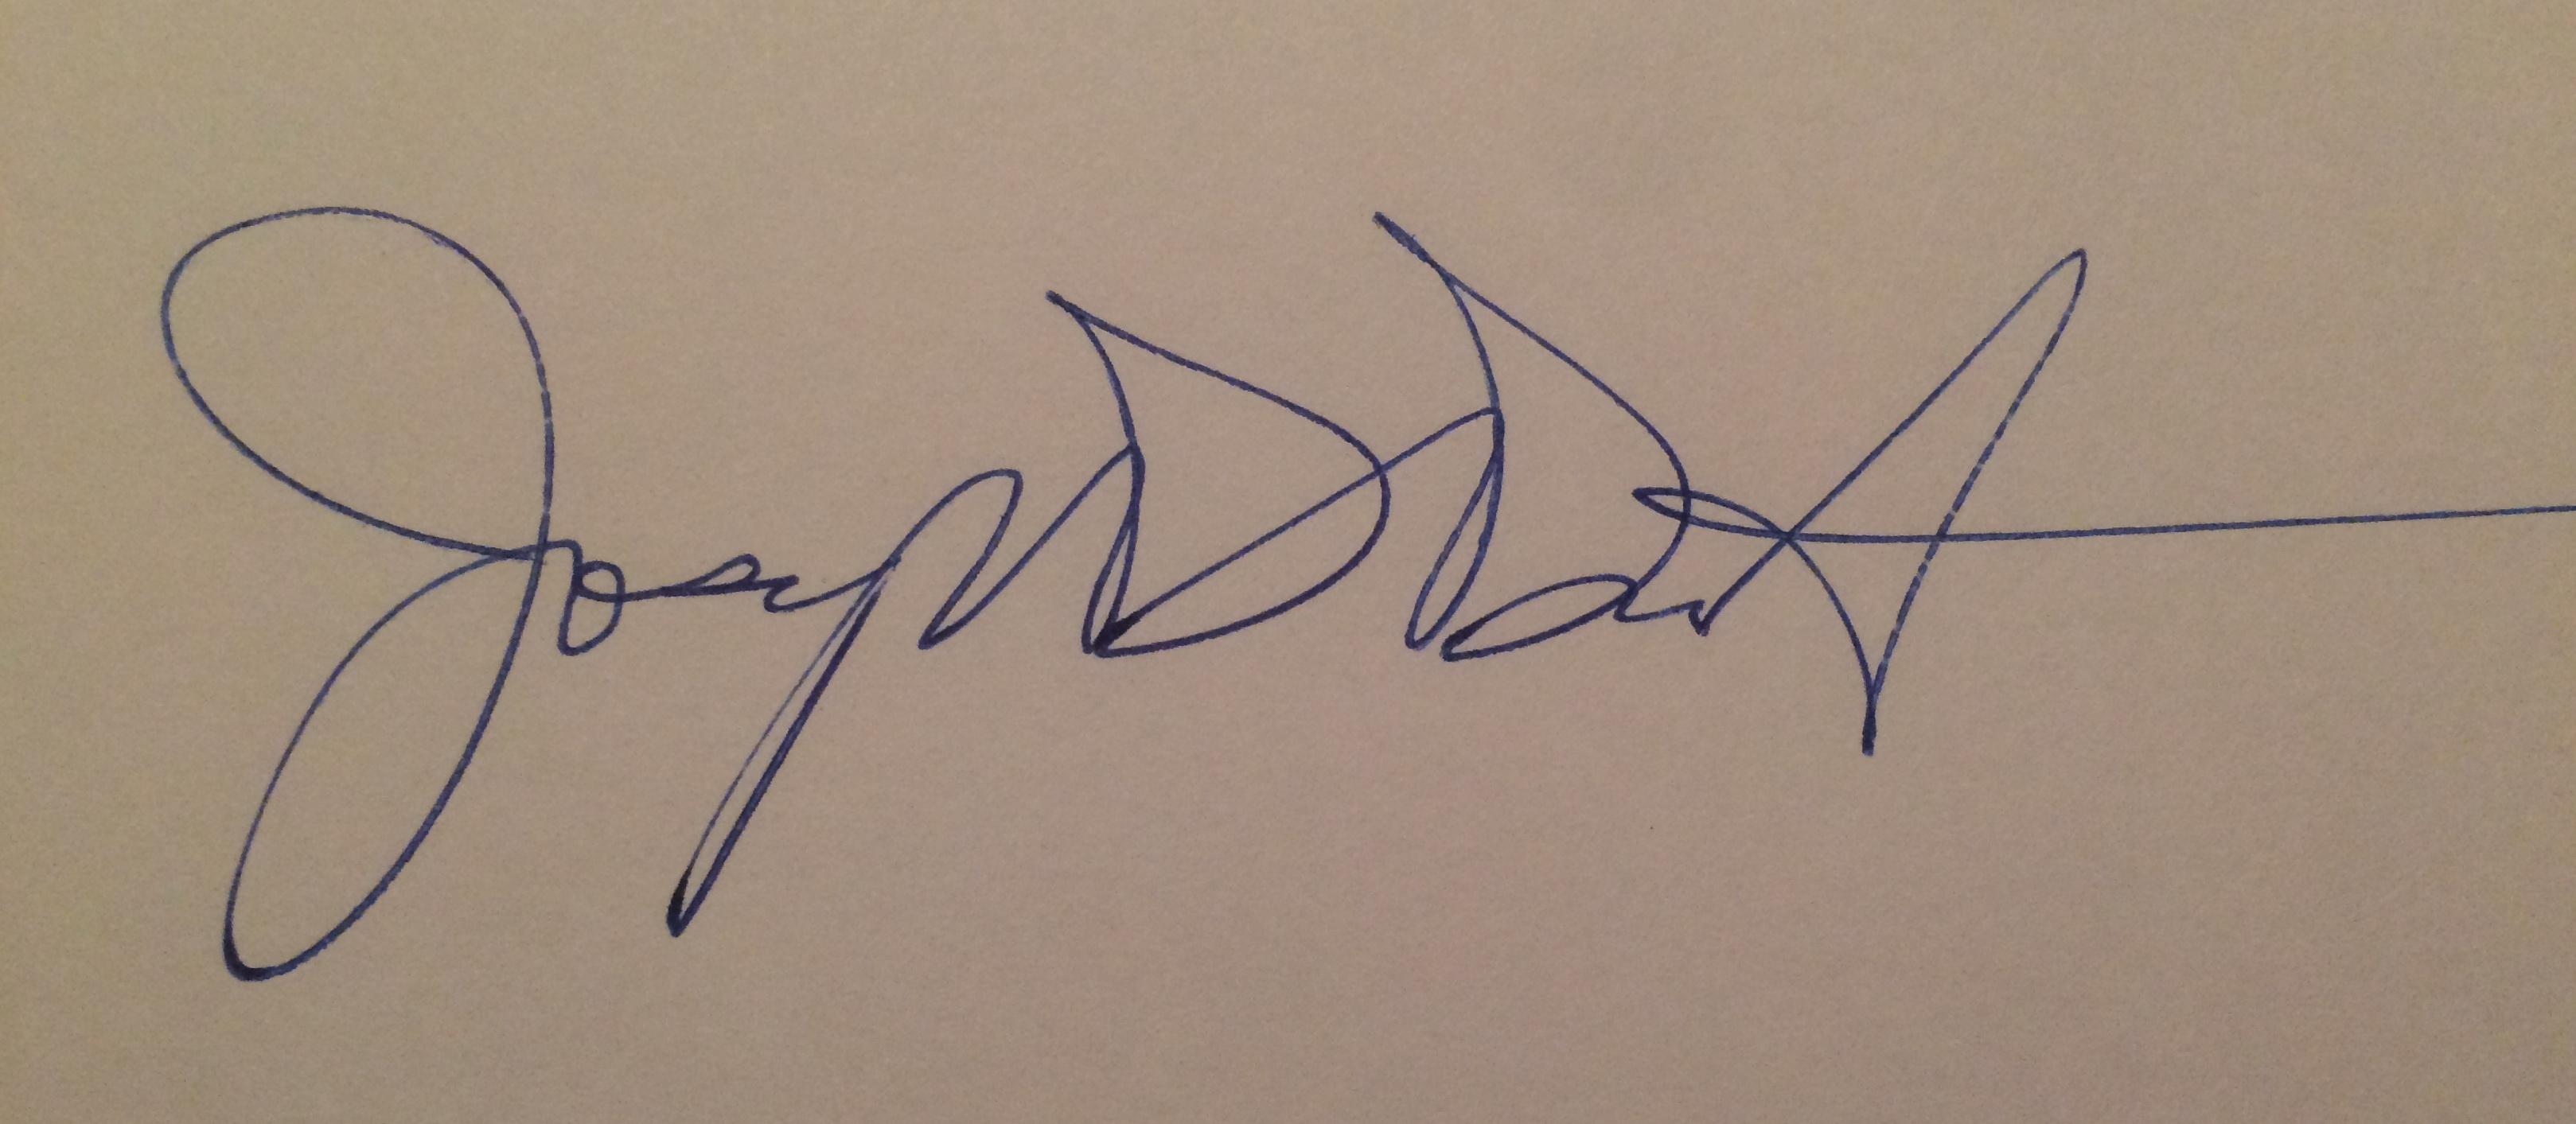 j.E. didonato's Signature